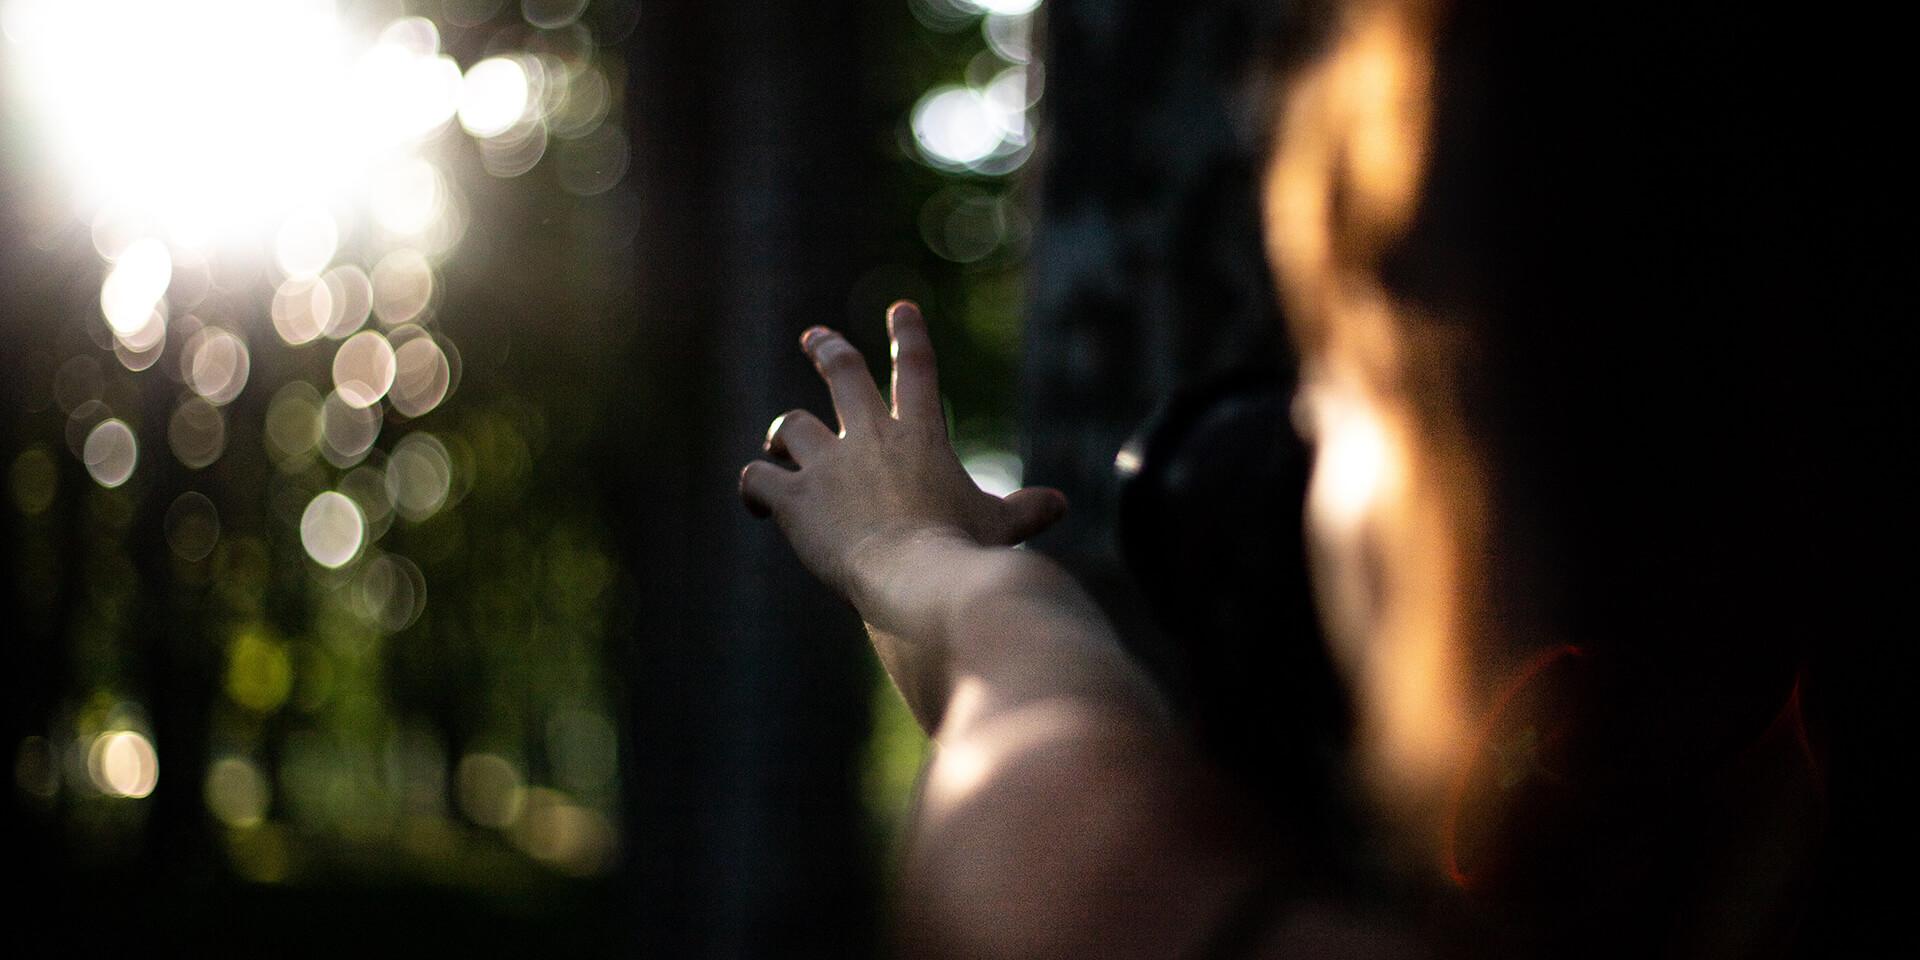 Der Sonne entgegengestreckte Hand